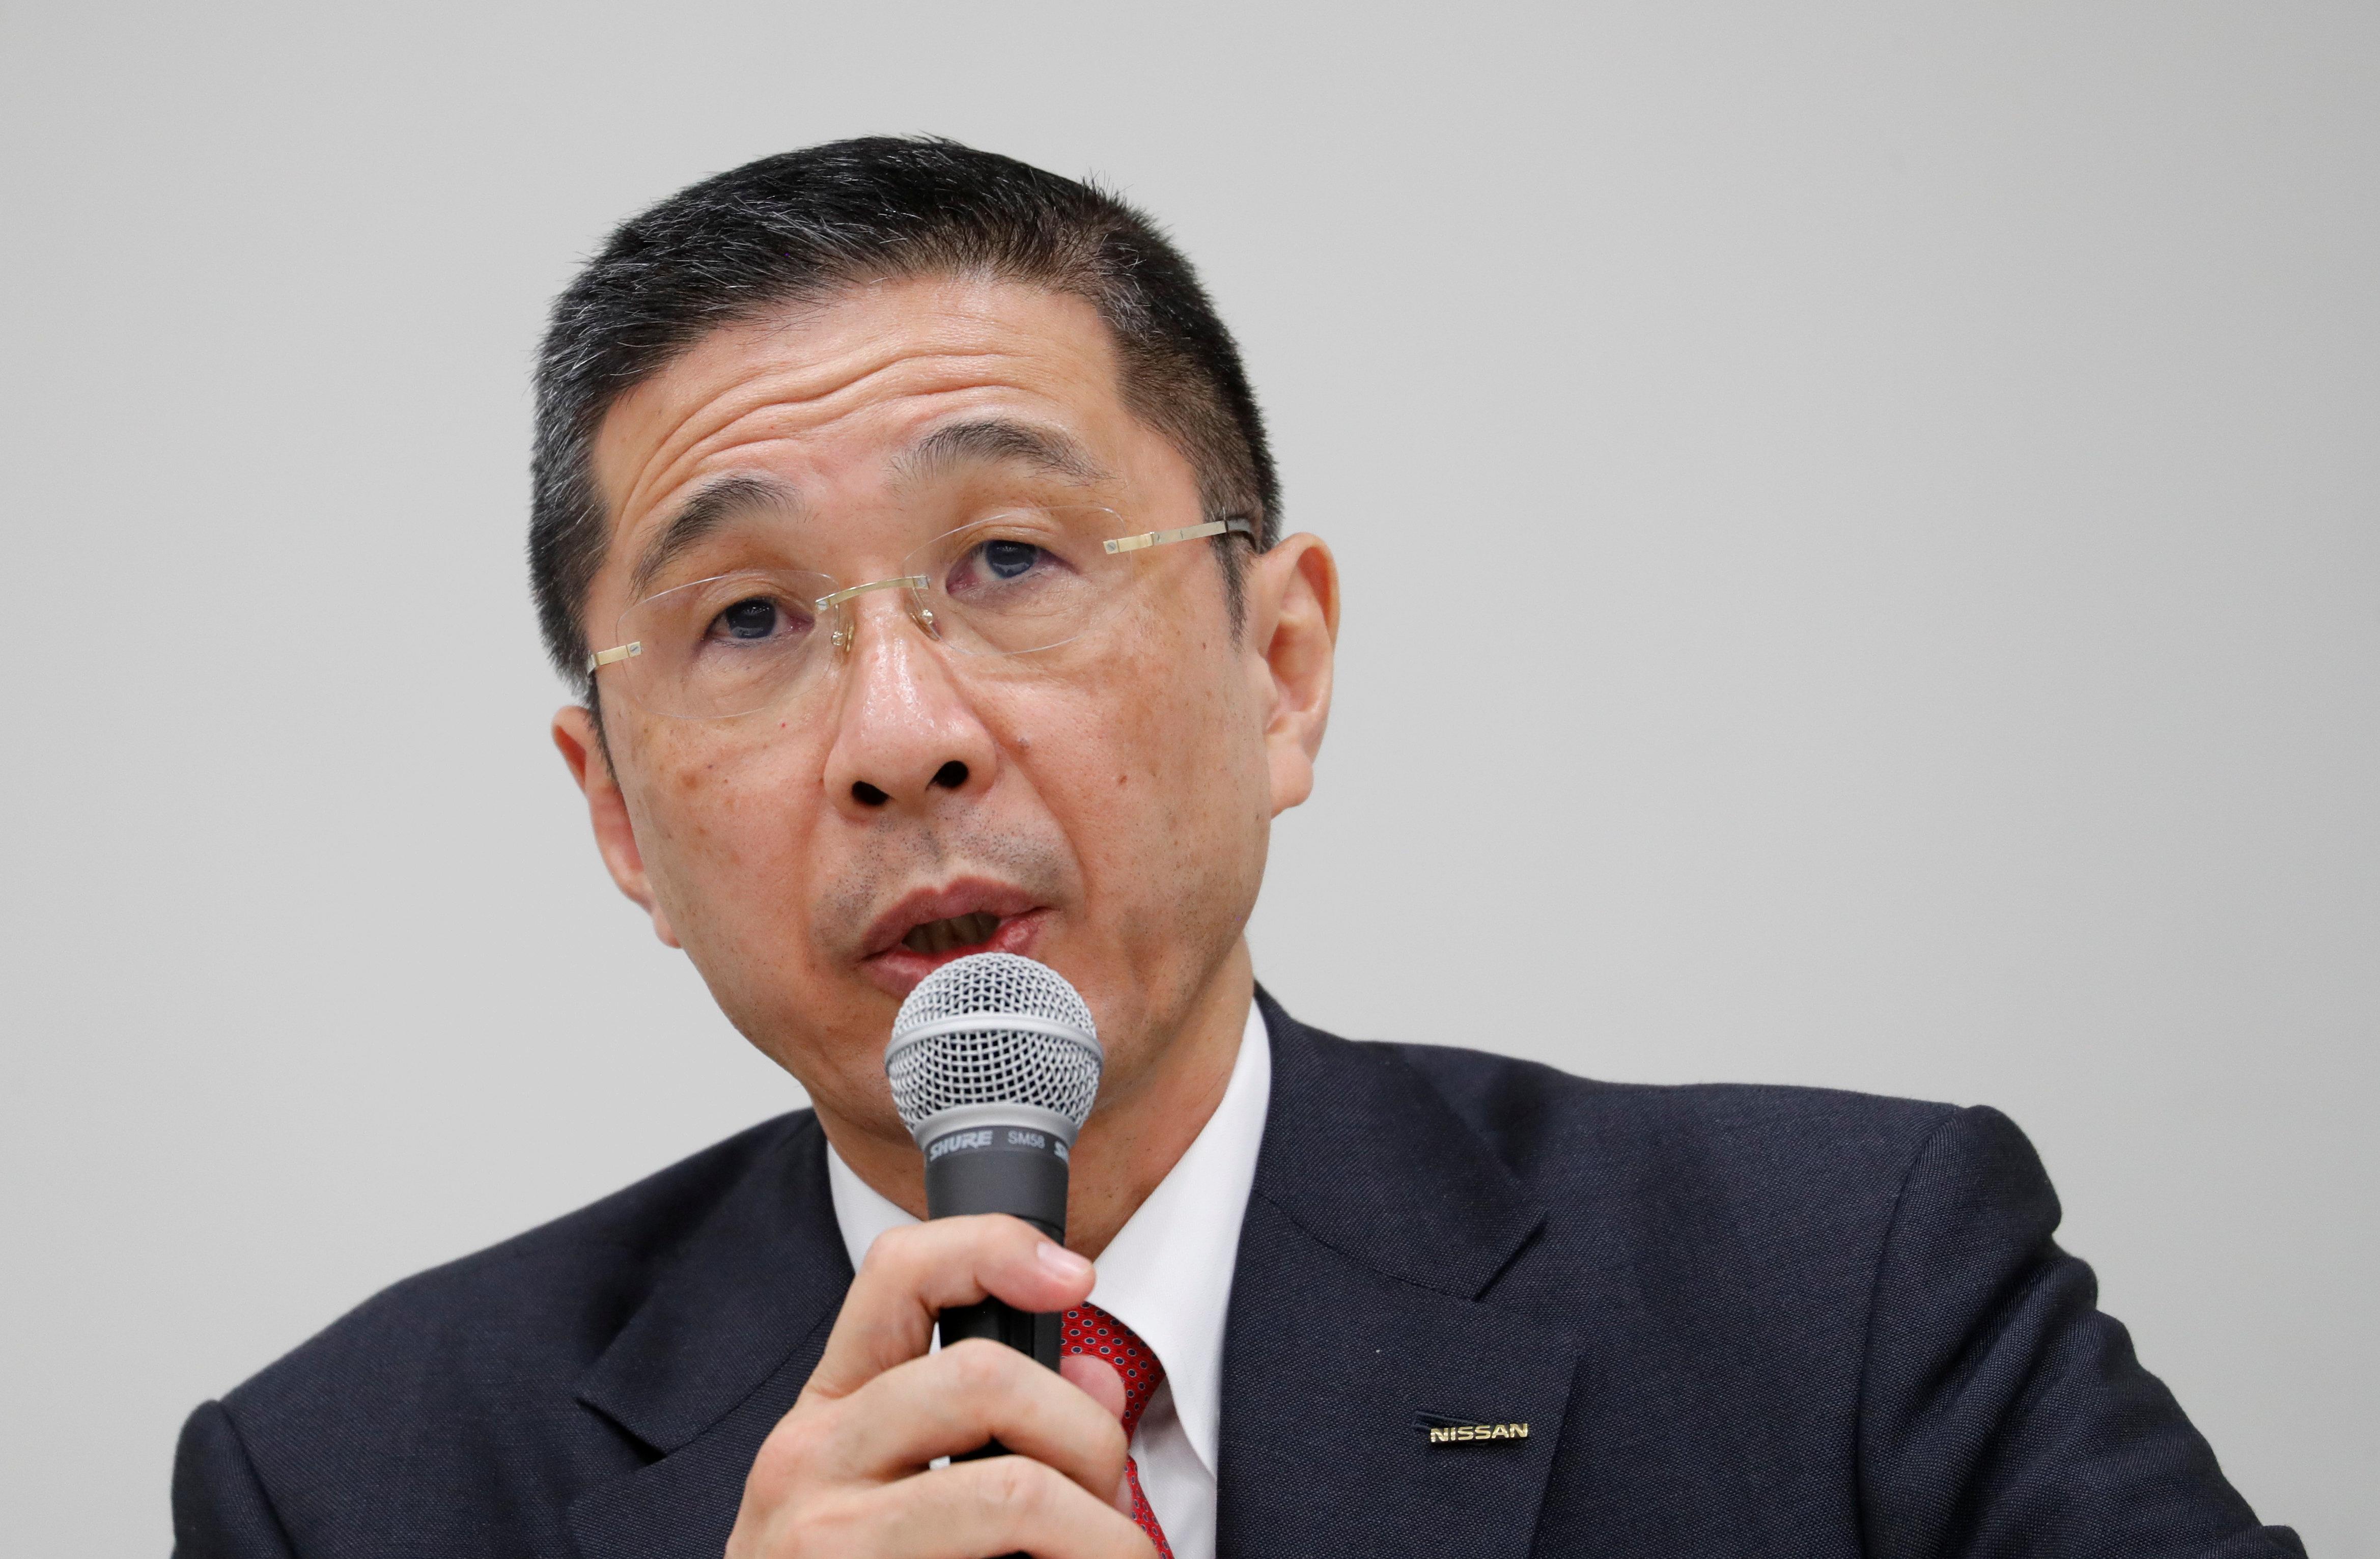 Après Carlos Ghosn, le patron de Nissan rattrapé par une affaire de rémunération